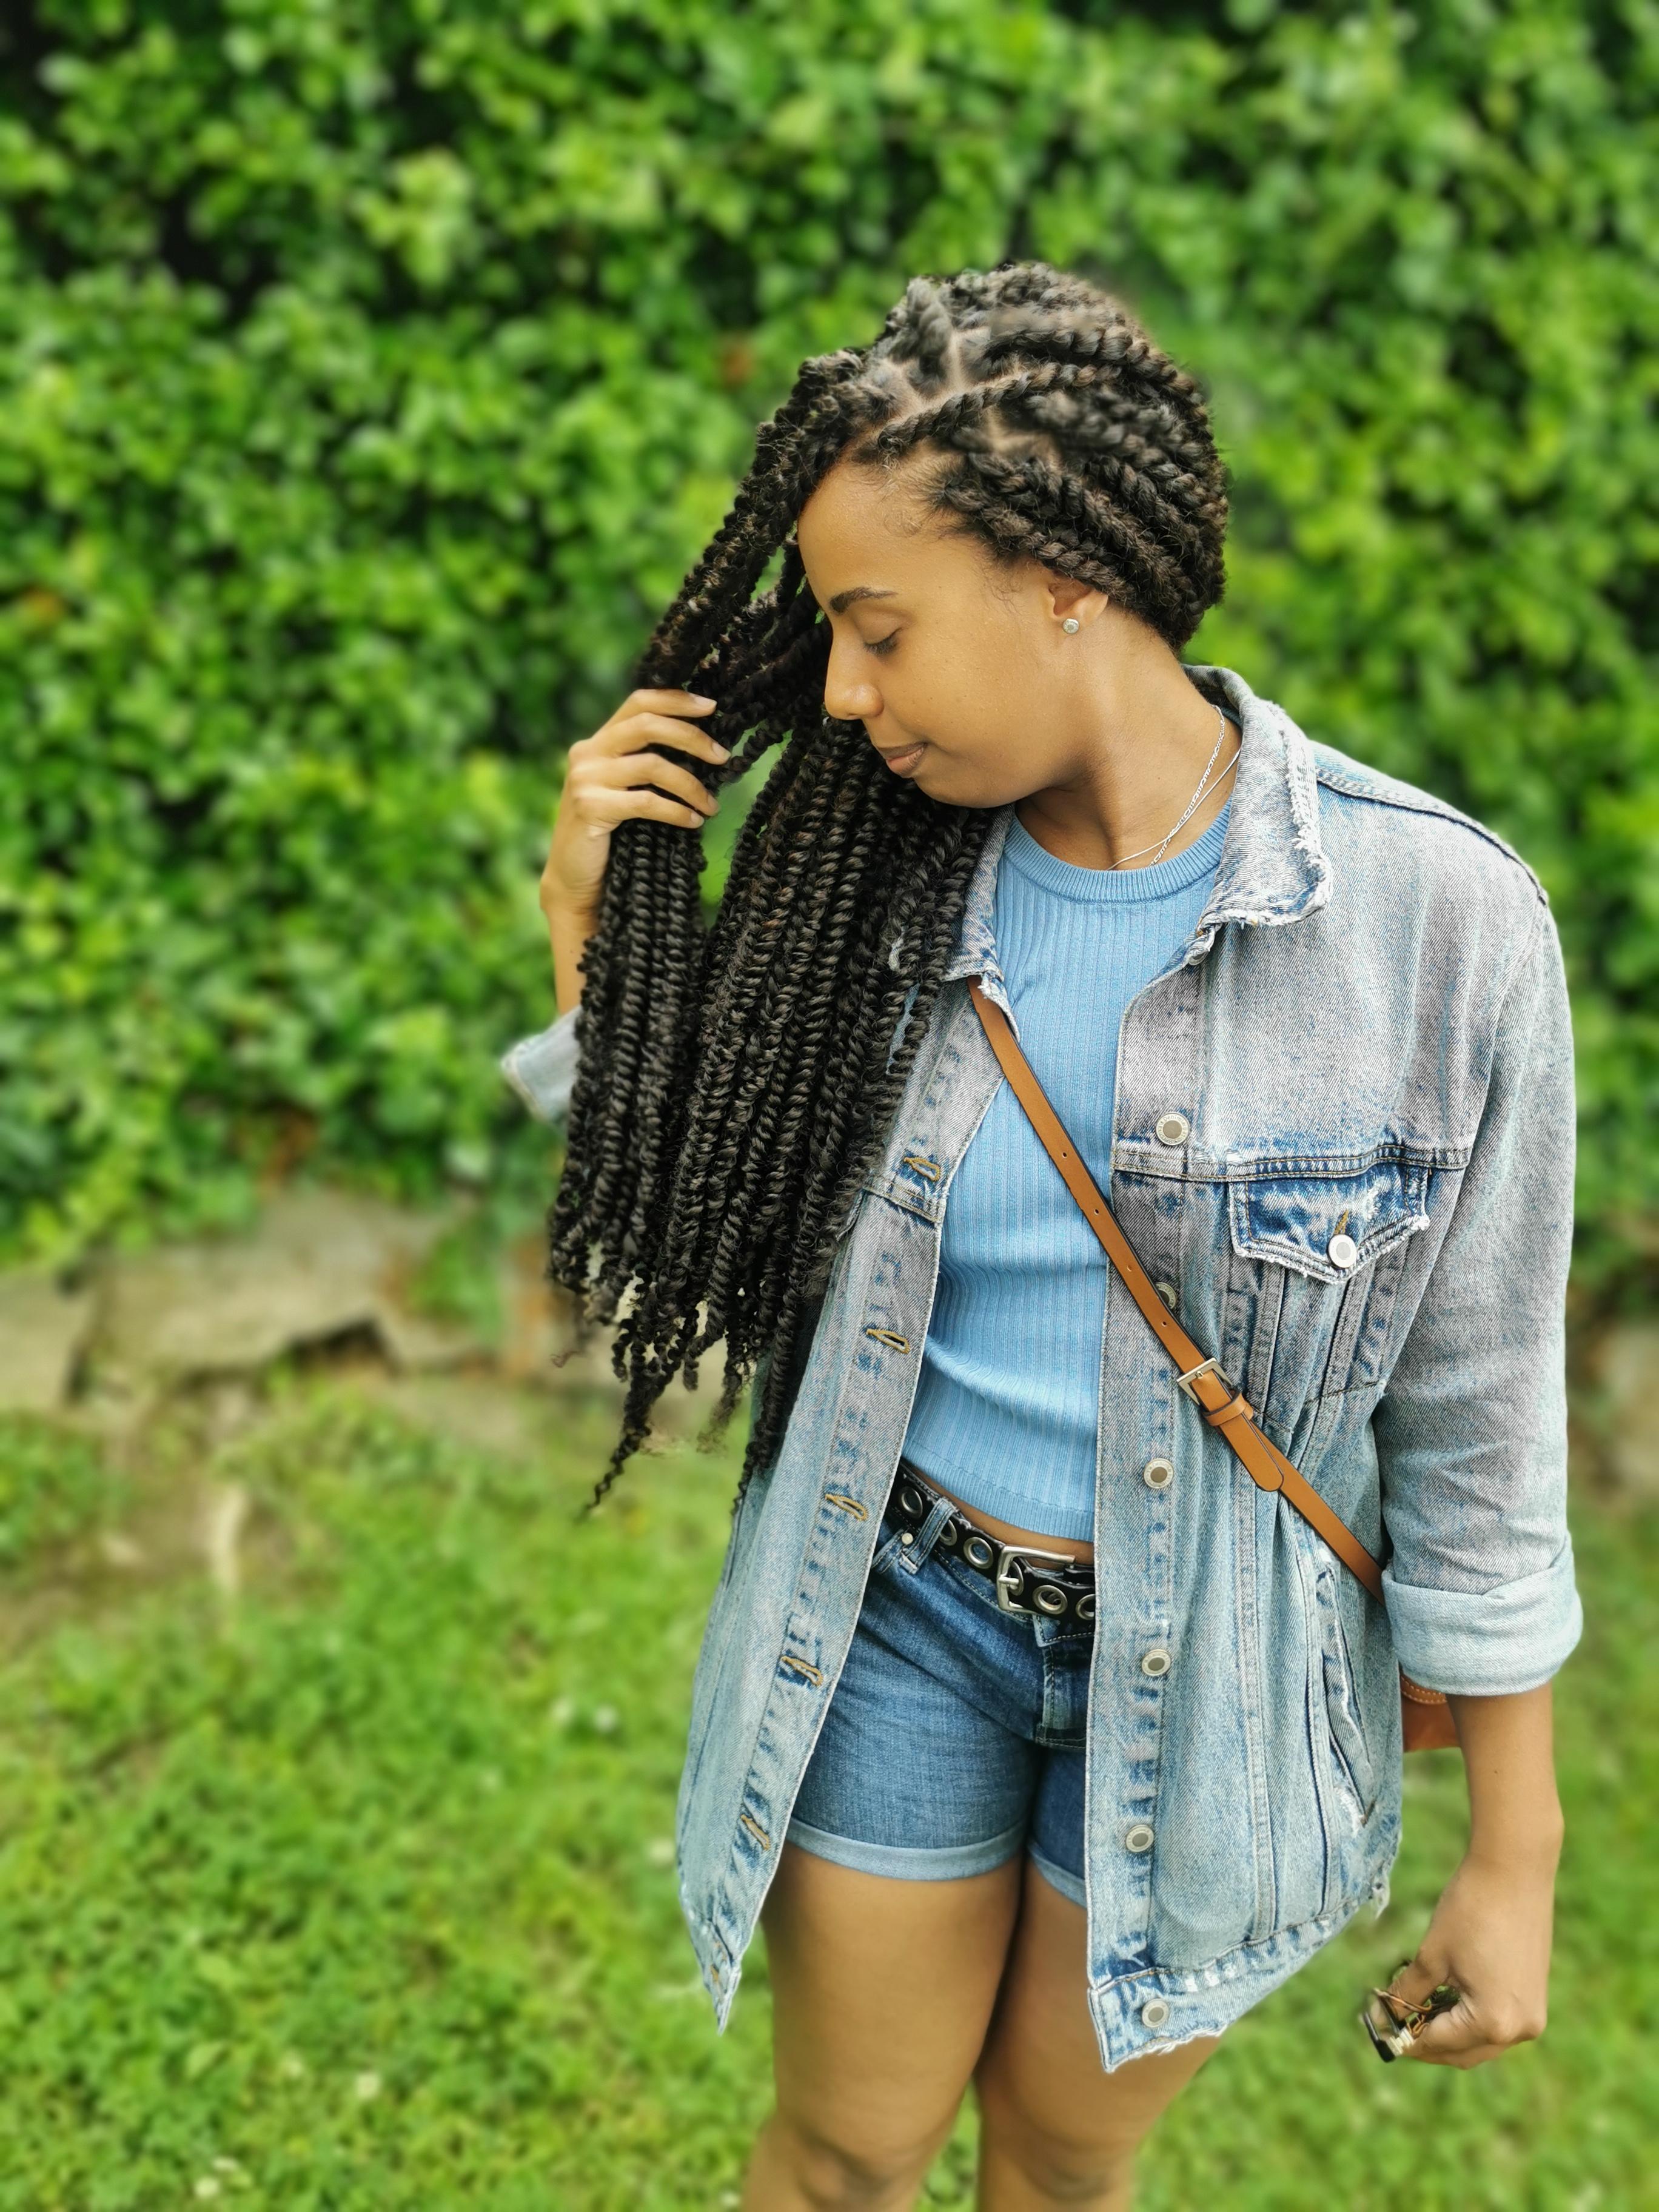 salon de coiffure afro tresse tresses box braids crochet braids vanilles tissages paris 75 77 78 91 92 93 94 95 QGIRTHYZ